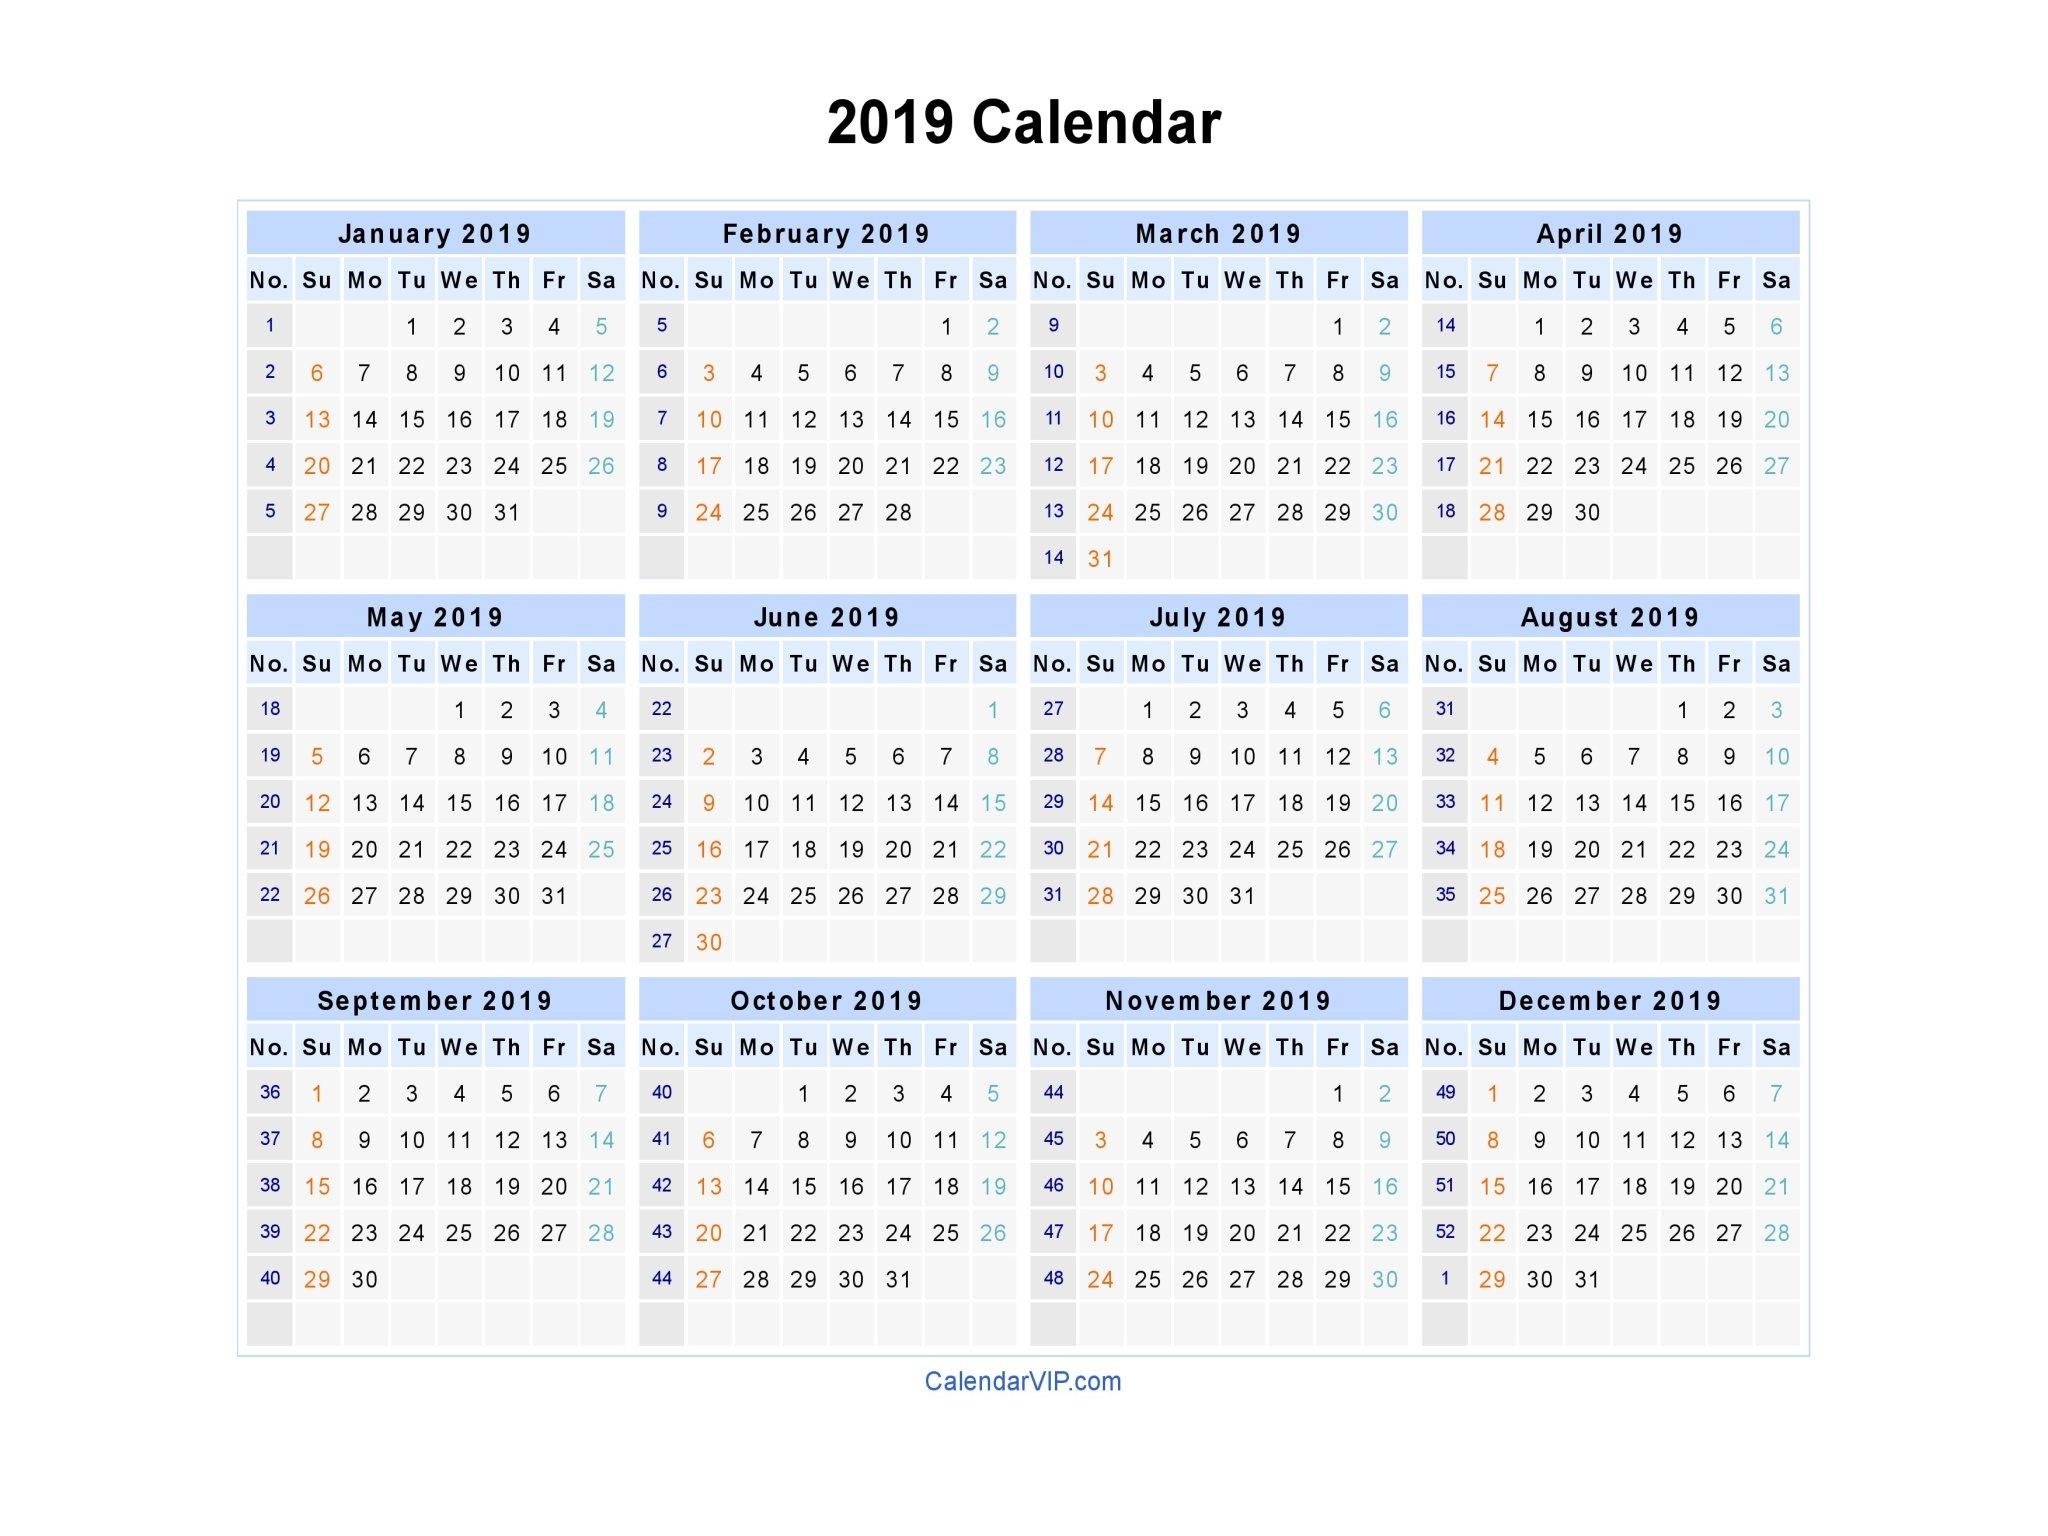 2019 Calendar - Blank Printable Calendar Template In Pdf Word Excel Calendar 2019 Excel With Week Numbers